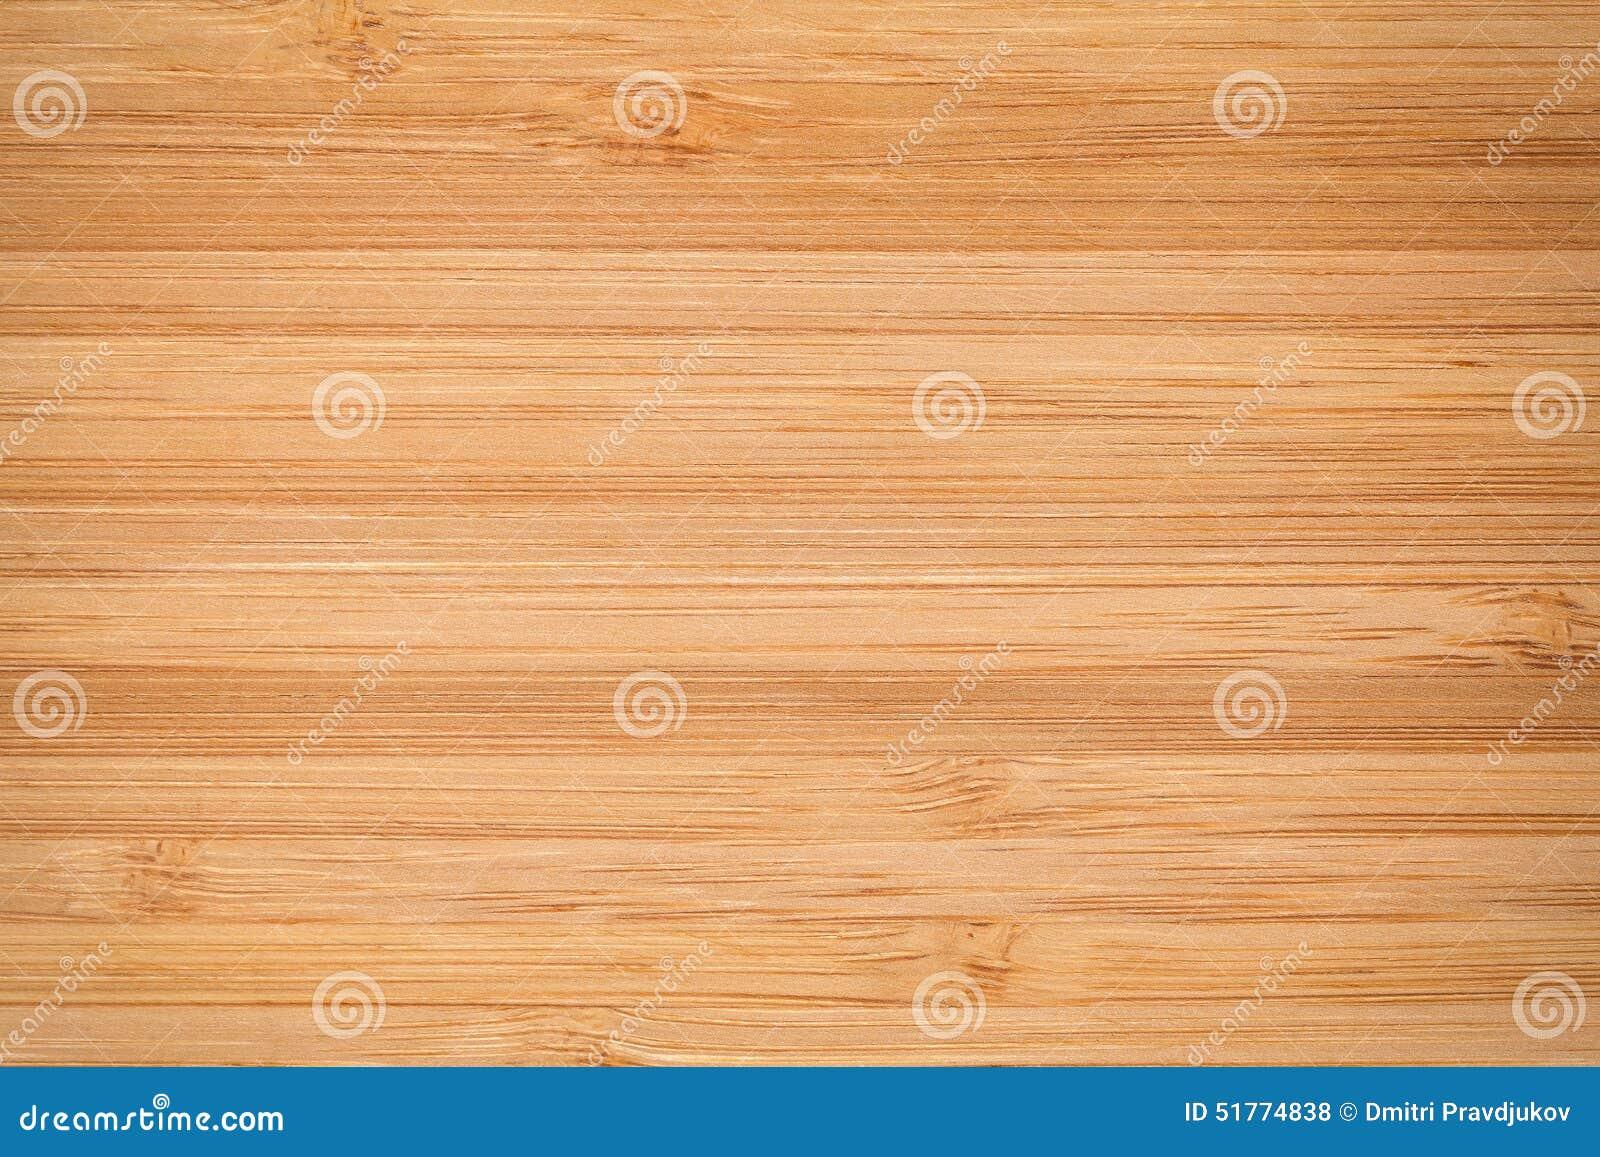 σύσταση Ξύλινη σύσταση - ξύλινο σιτάρι